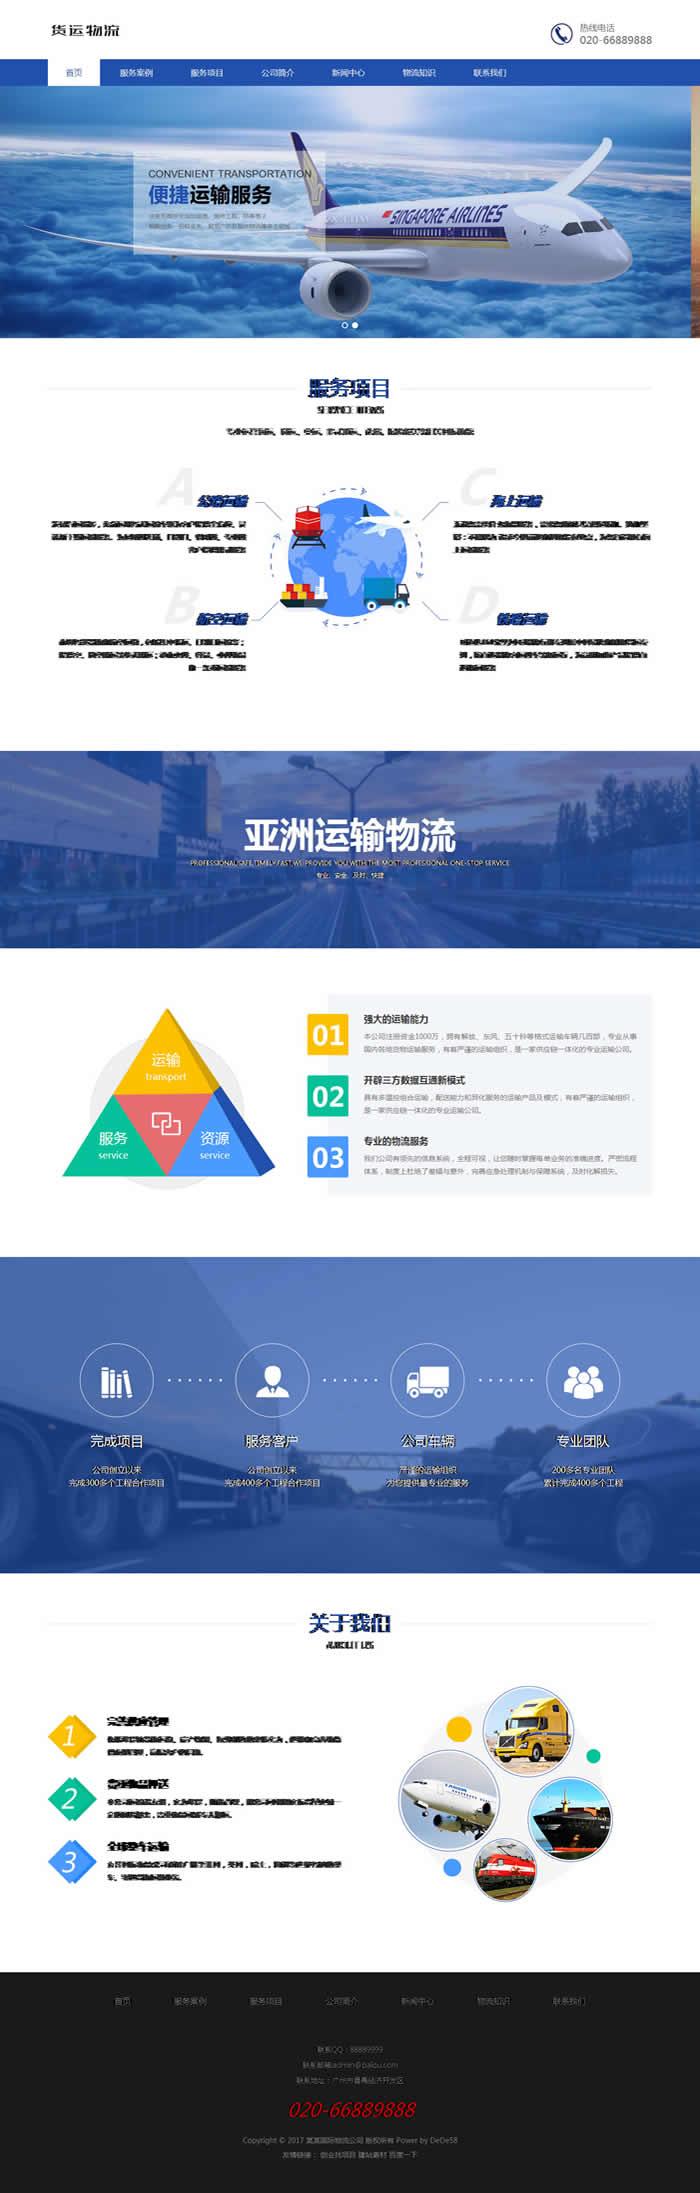 物流运输服务类H5sbf胜博发官方sbf胜博发官方sbf胜博发官方网站